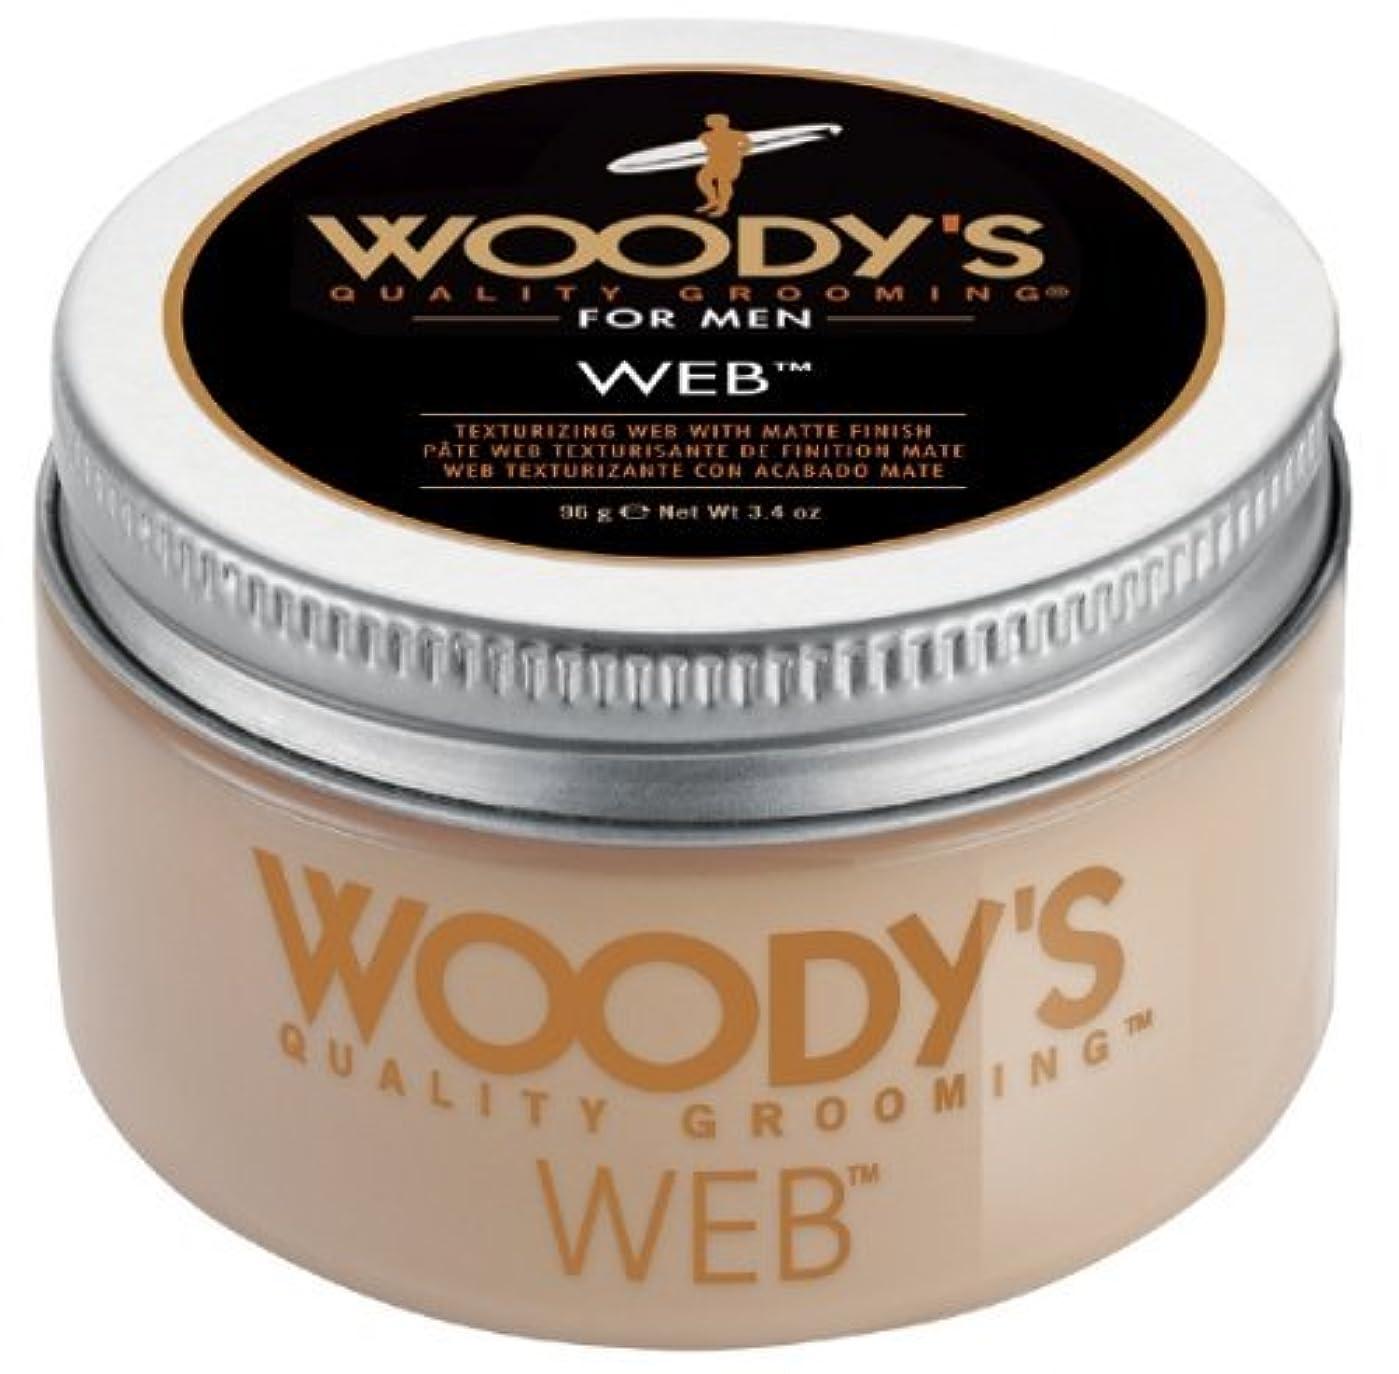 ありがたい夫婦製造業Woody's Men Hair Styling Web Pomade Matte Finish Wet Or Dry Hair Cr??me Gel 96g by Woody's [並行輸入品]